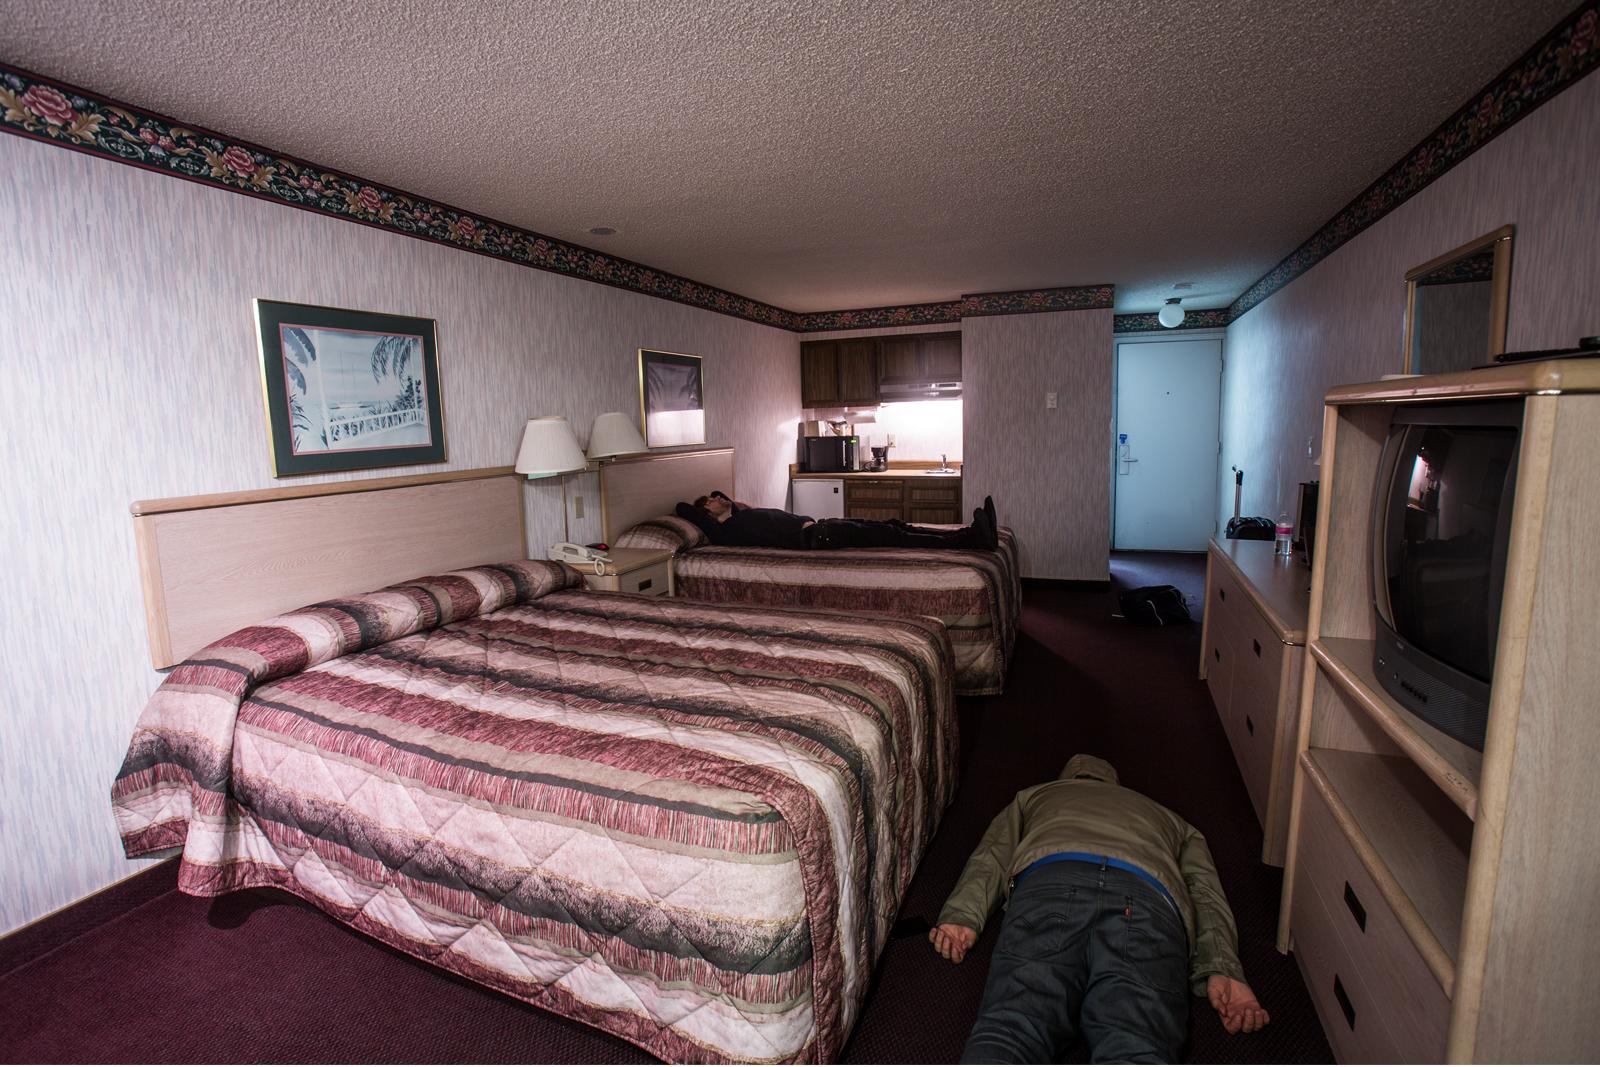 bolfo_0000s_0026_Killed at hotel